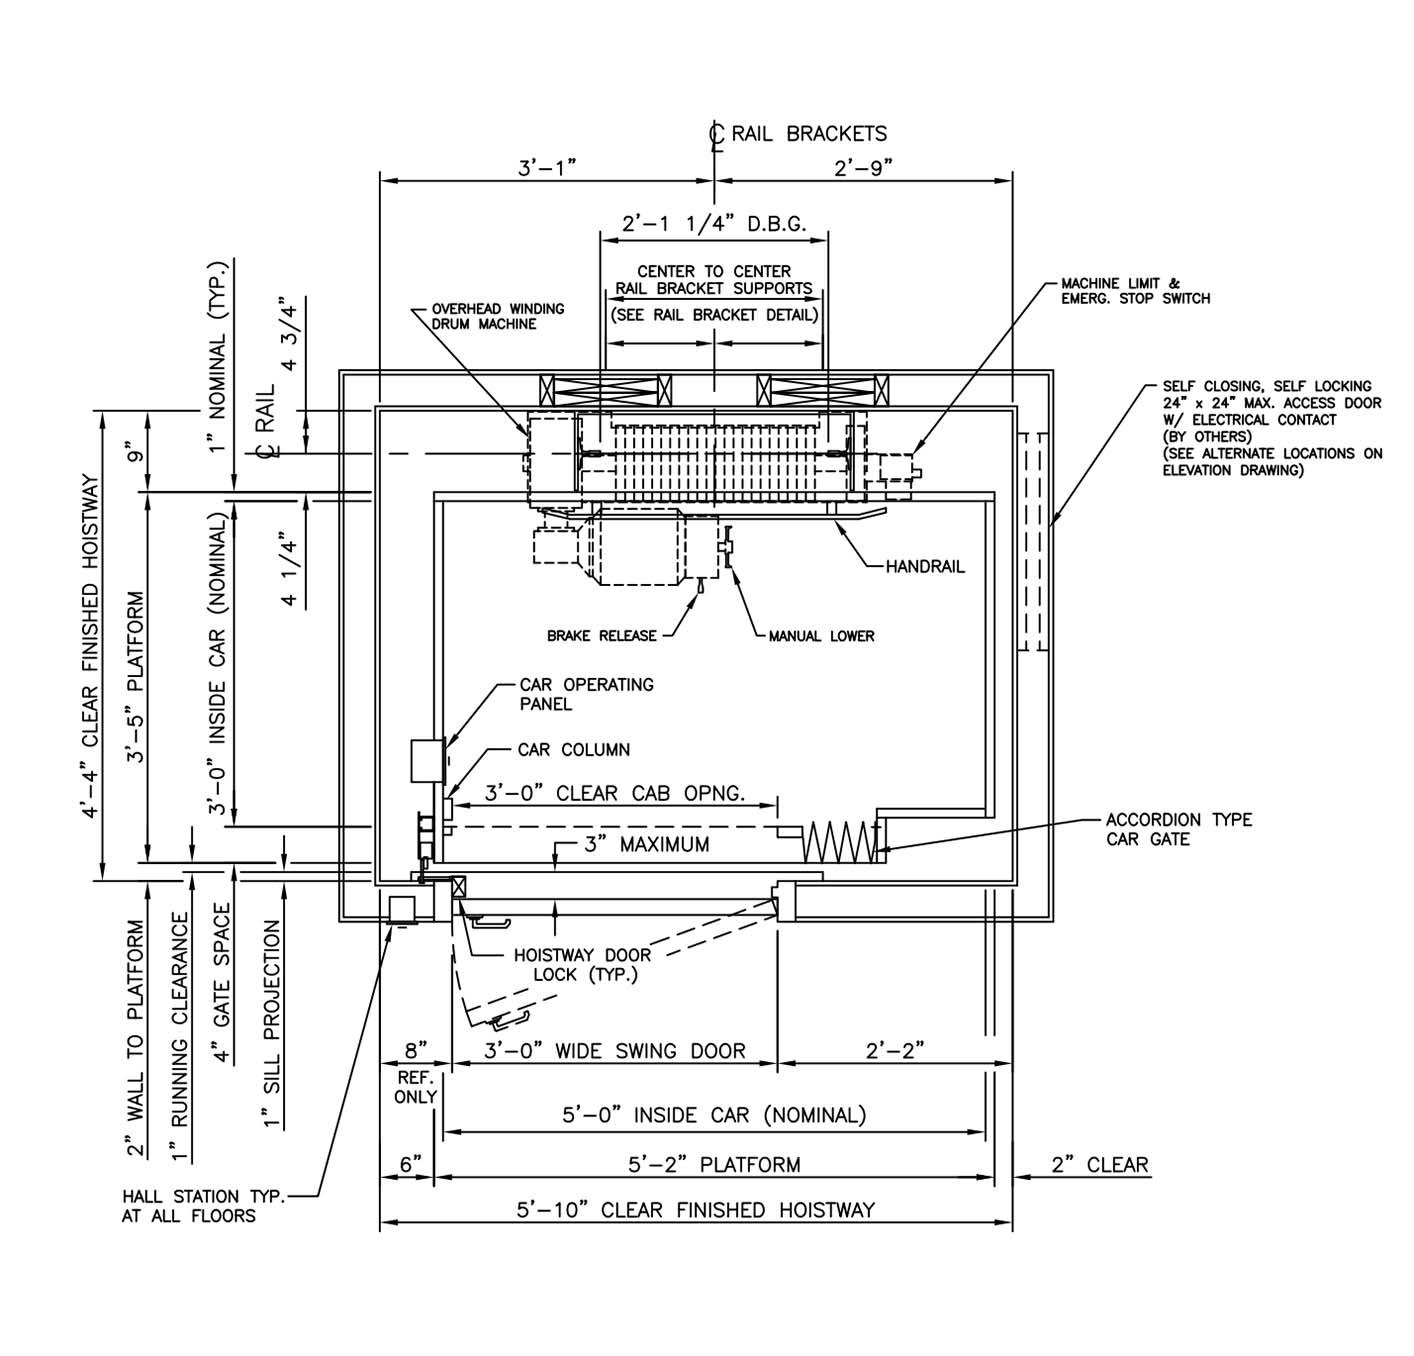 Elevators dwg detail for autocad designscad elevator for Elevator plan drawing